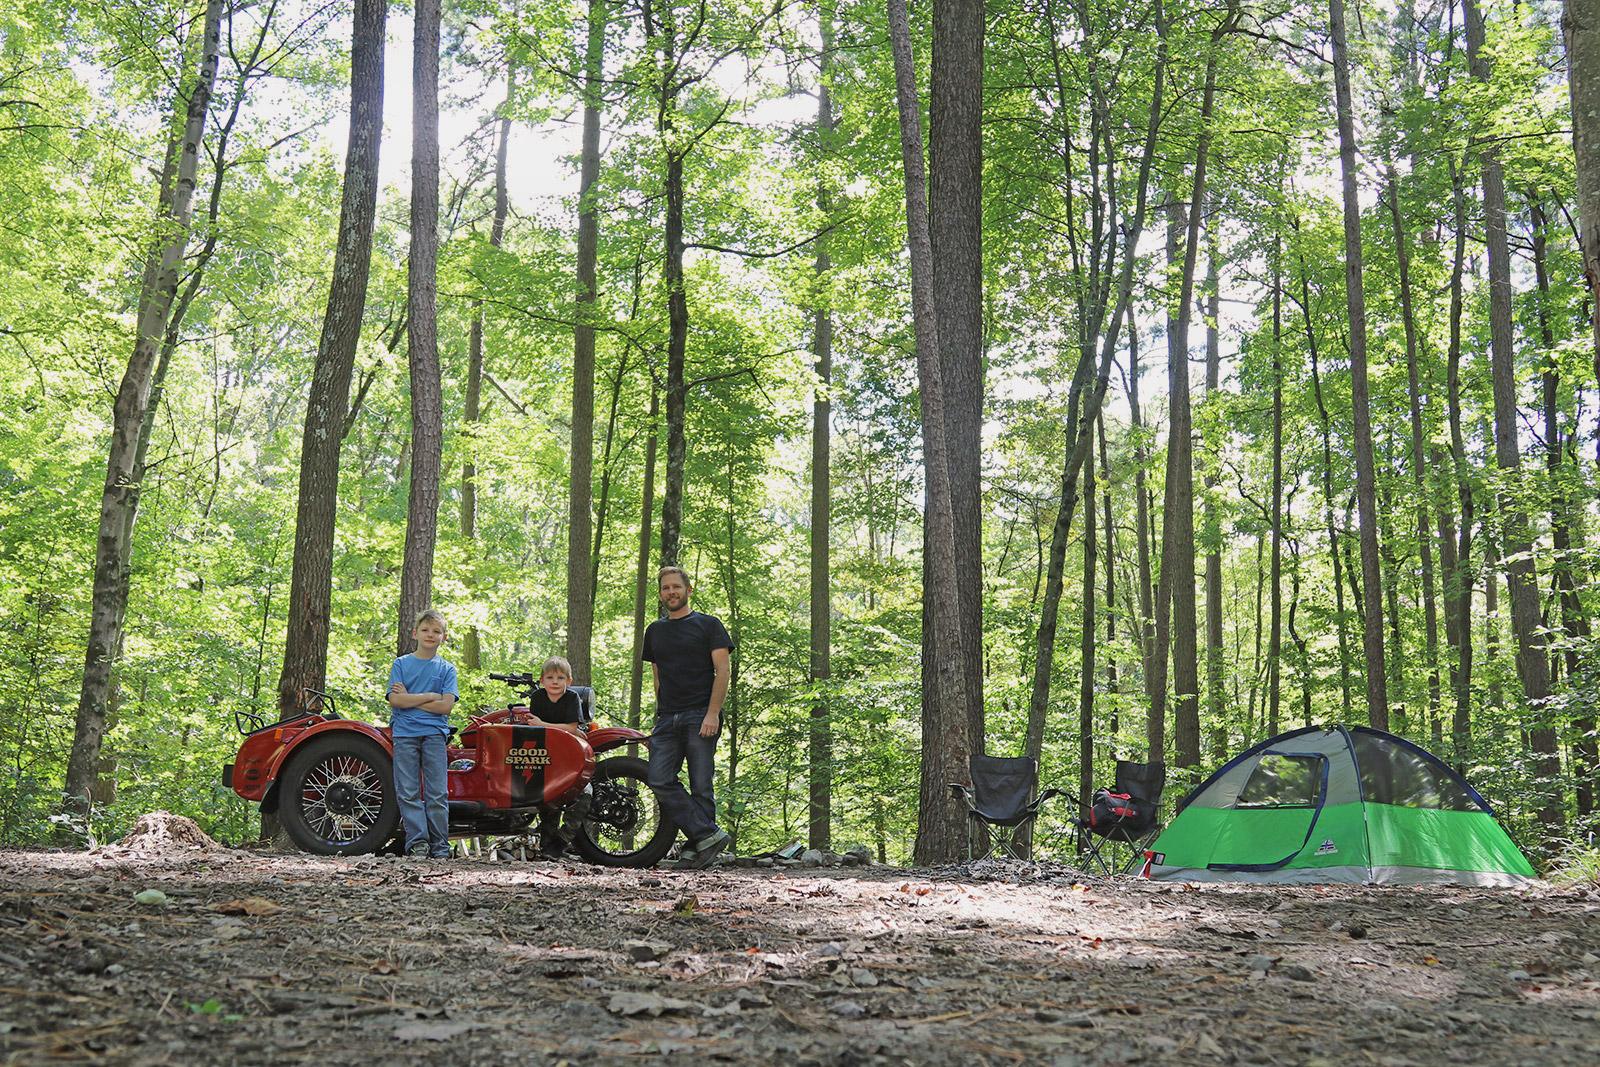 Ural cT camping trip